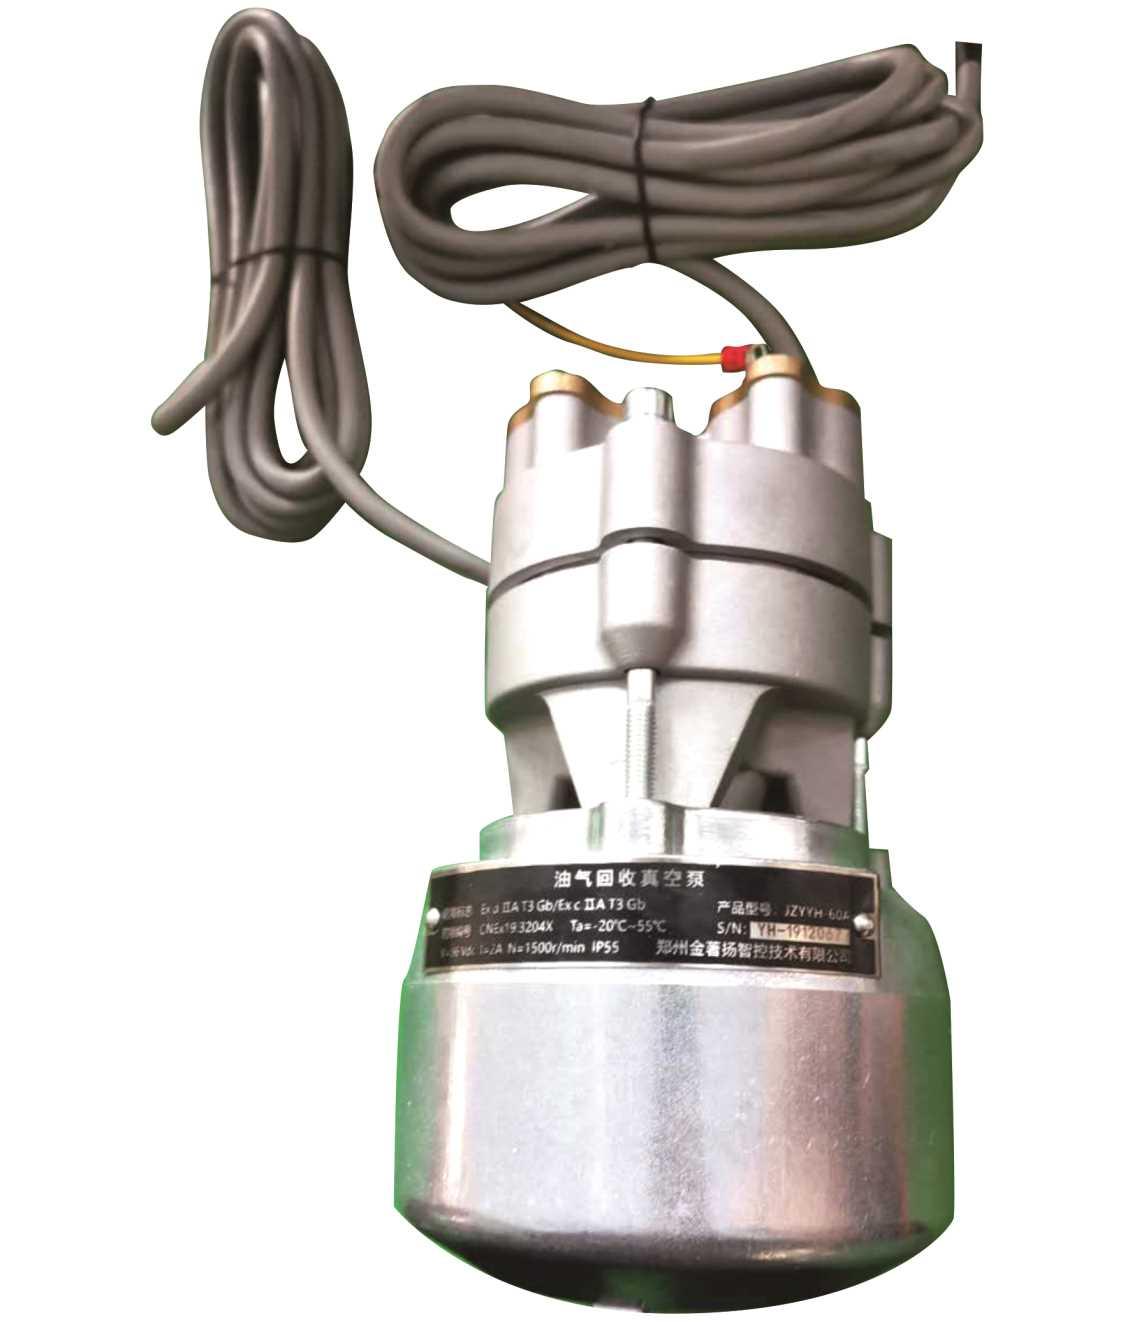 油气回收泵:油气回收的意义